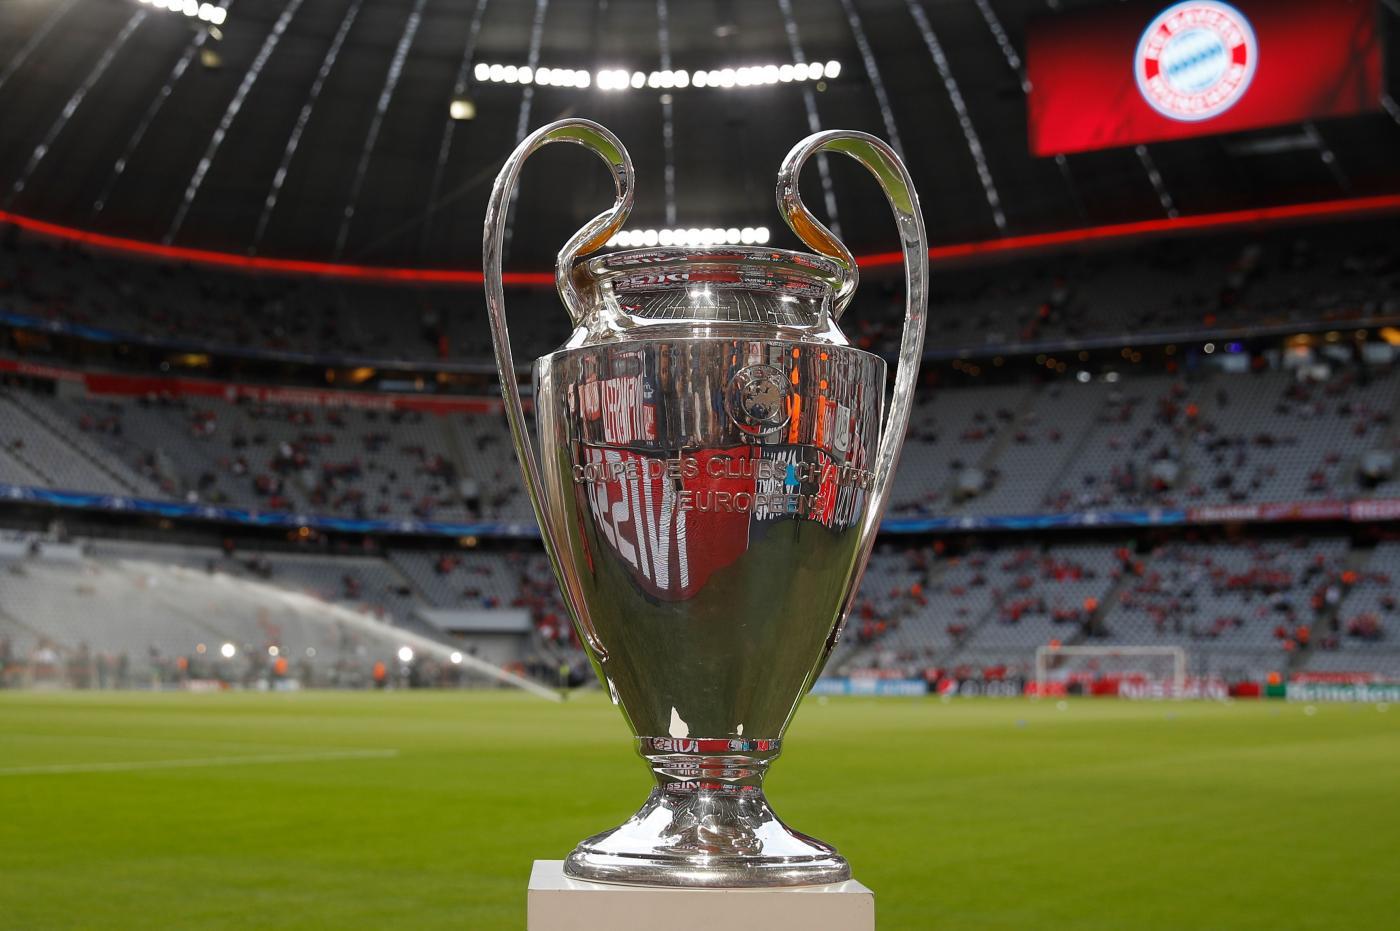 Champions League, Feronikeli-Lincoln martedì 25 giugno: analisi e pronostico della semifinale dei preliminari del torneo